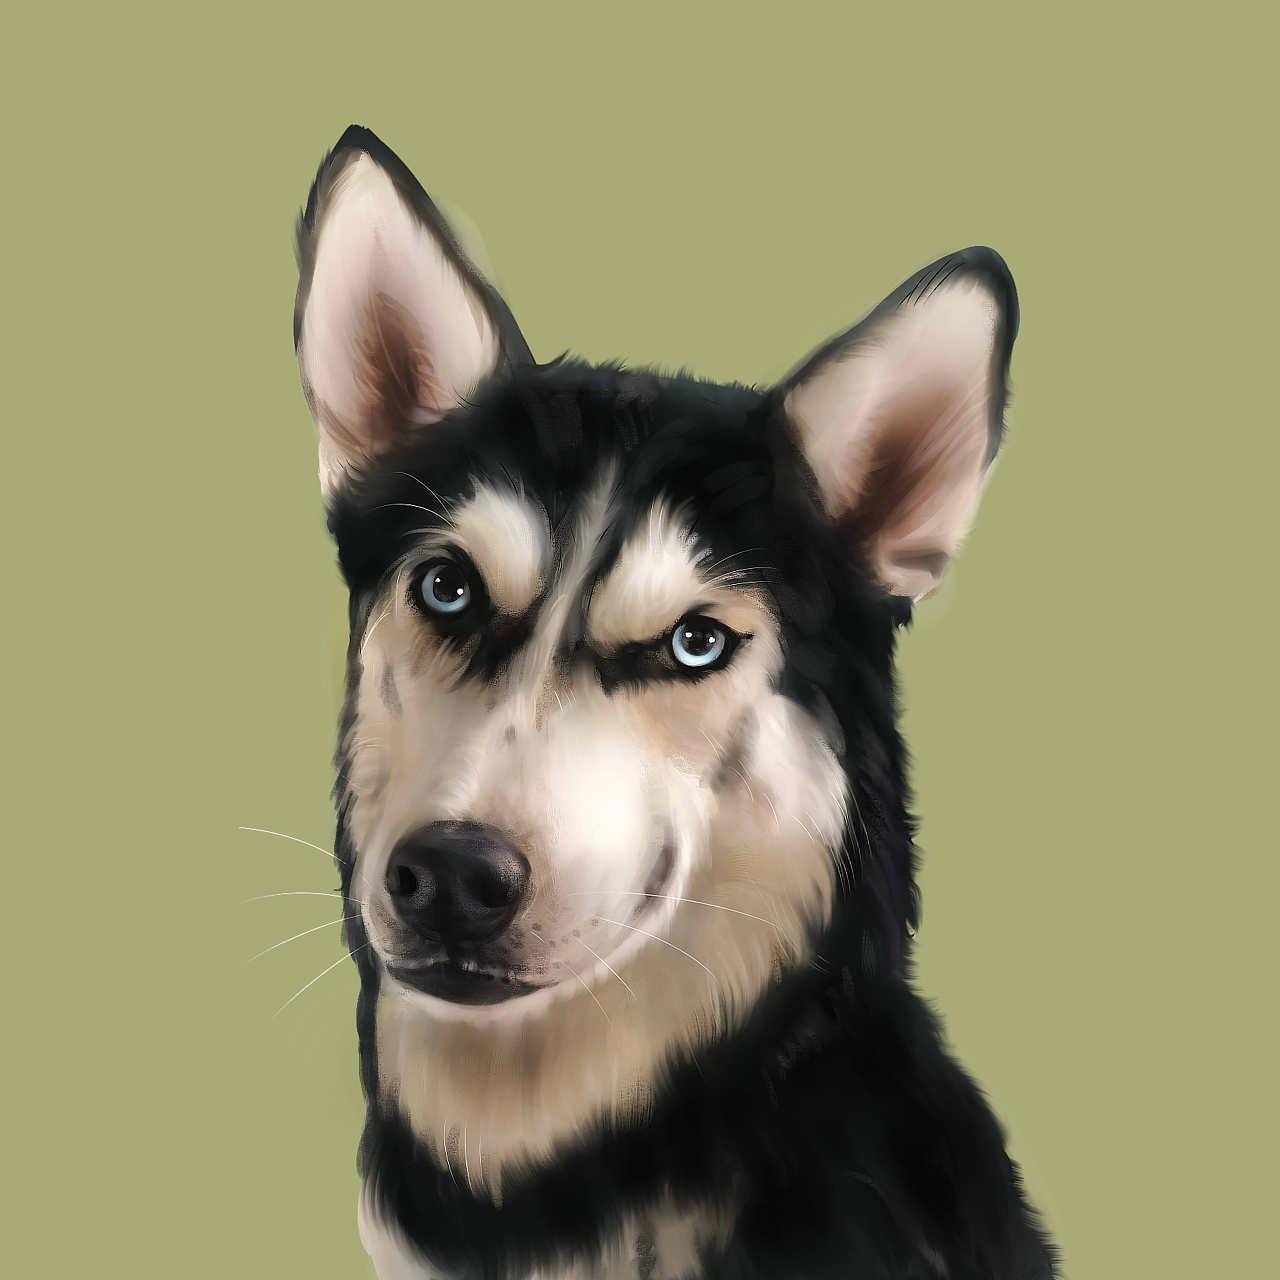 宠物手绘 宠物插画 二哈 哈士奇